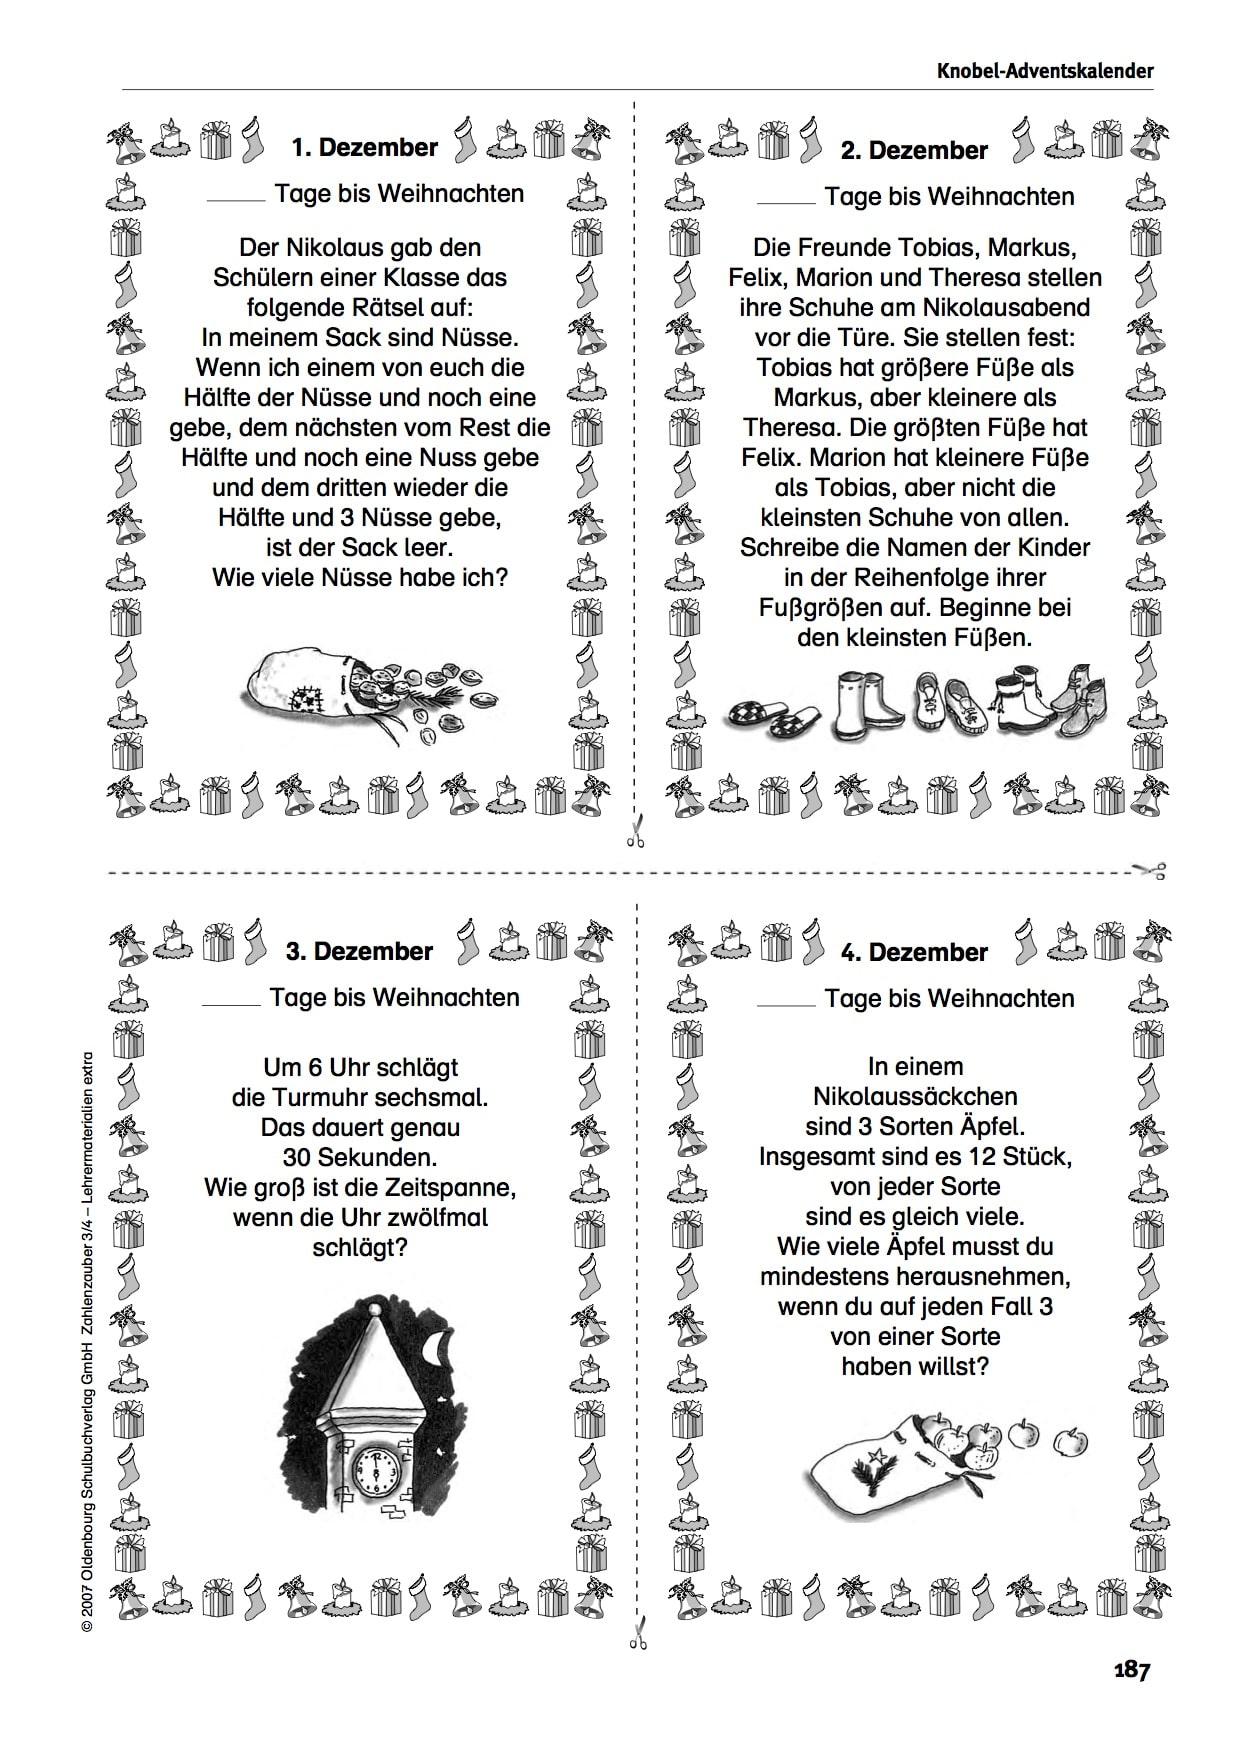 Knobeladventskalender